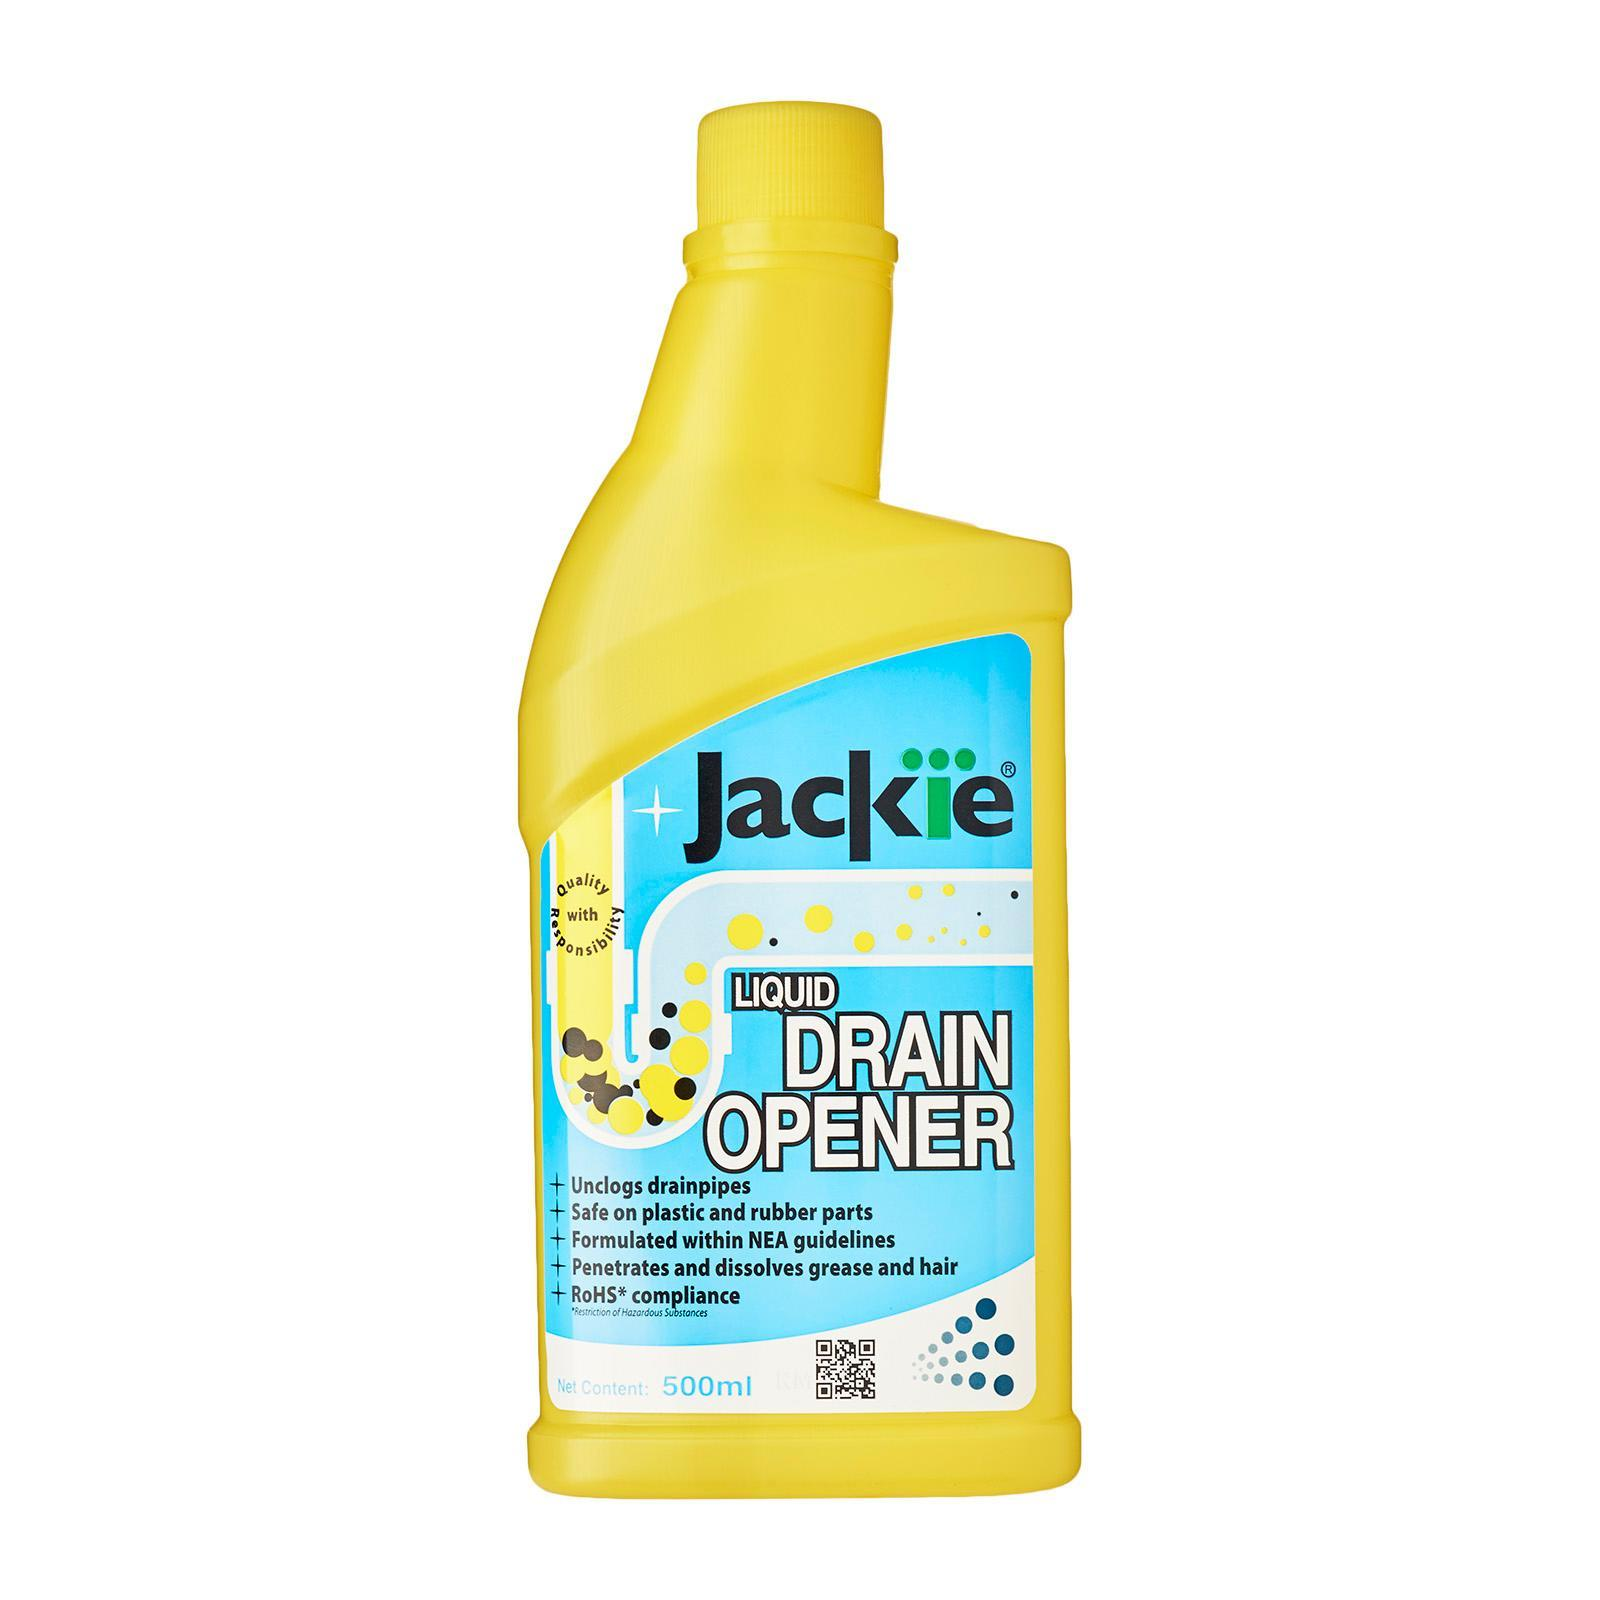 Jackie Liquid Drain Opener By Redmart.